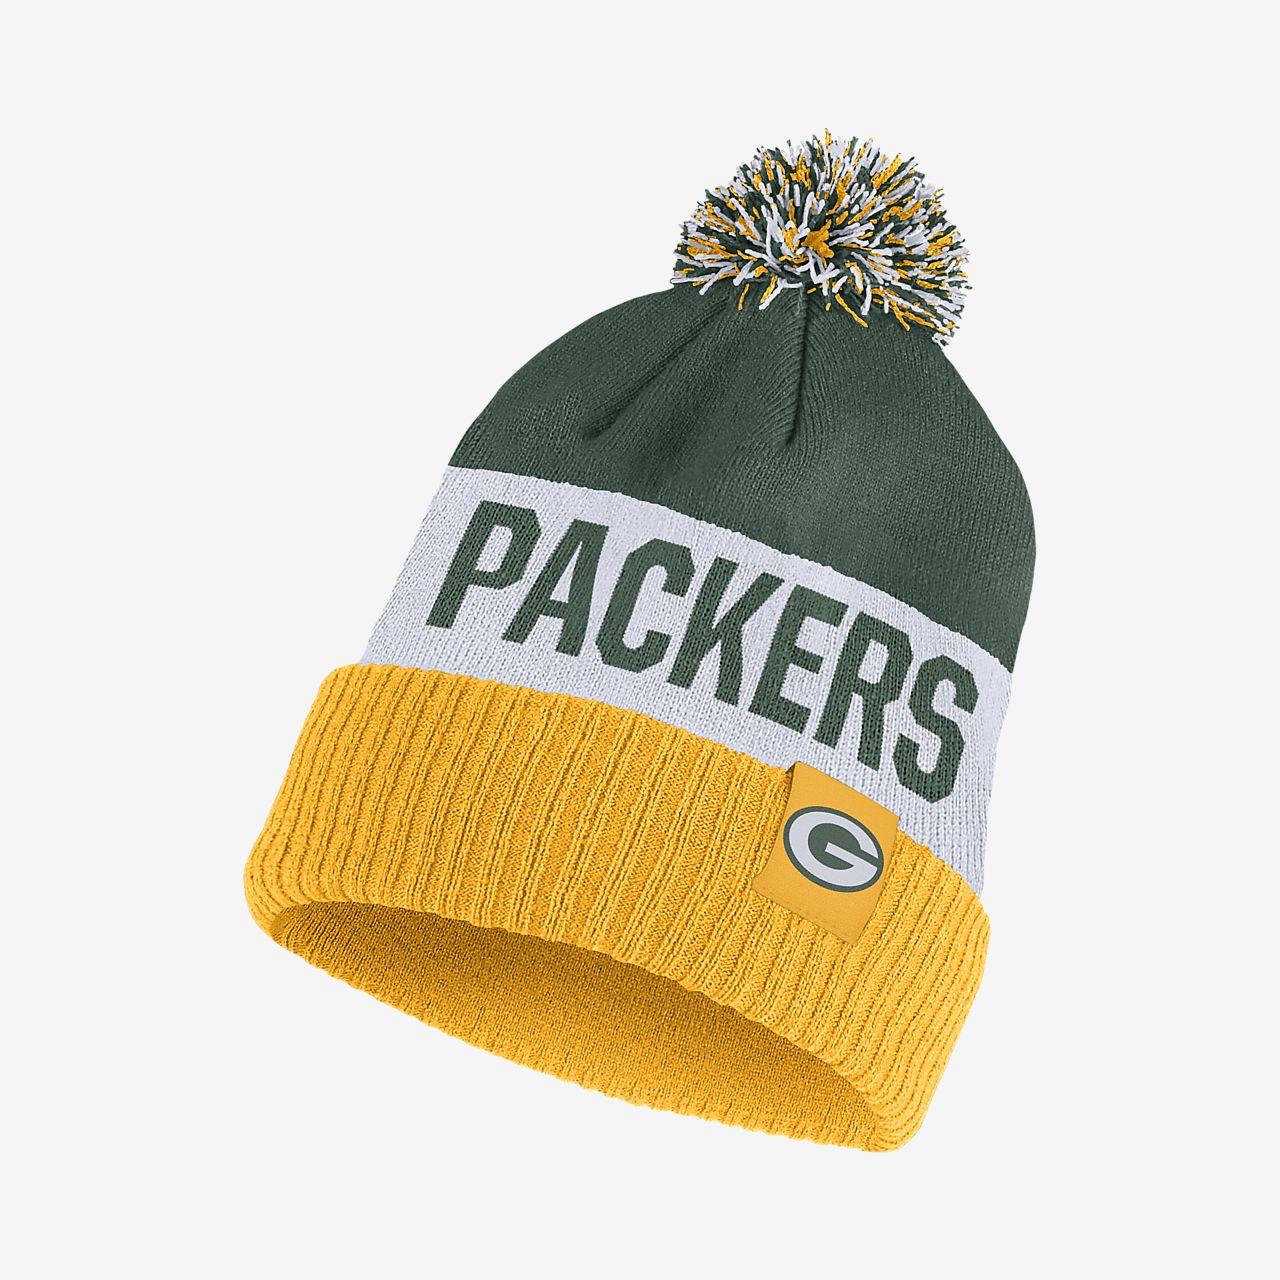 Nike (NFL Packers) beanie sapka